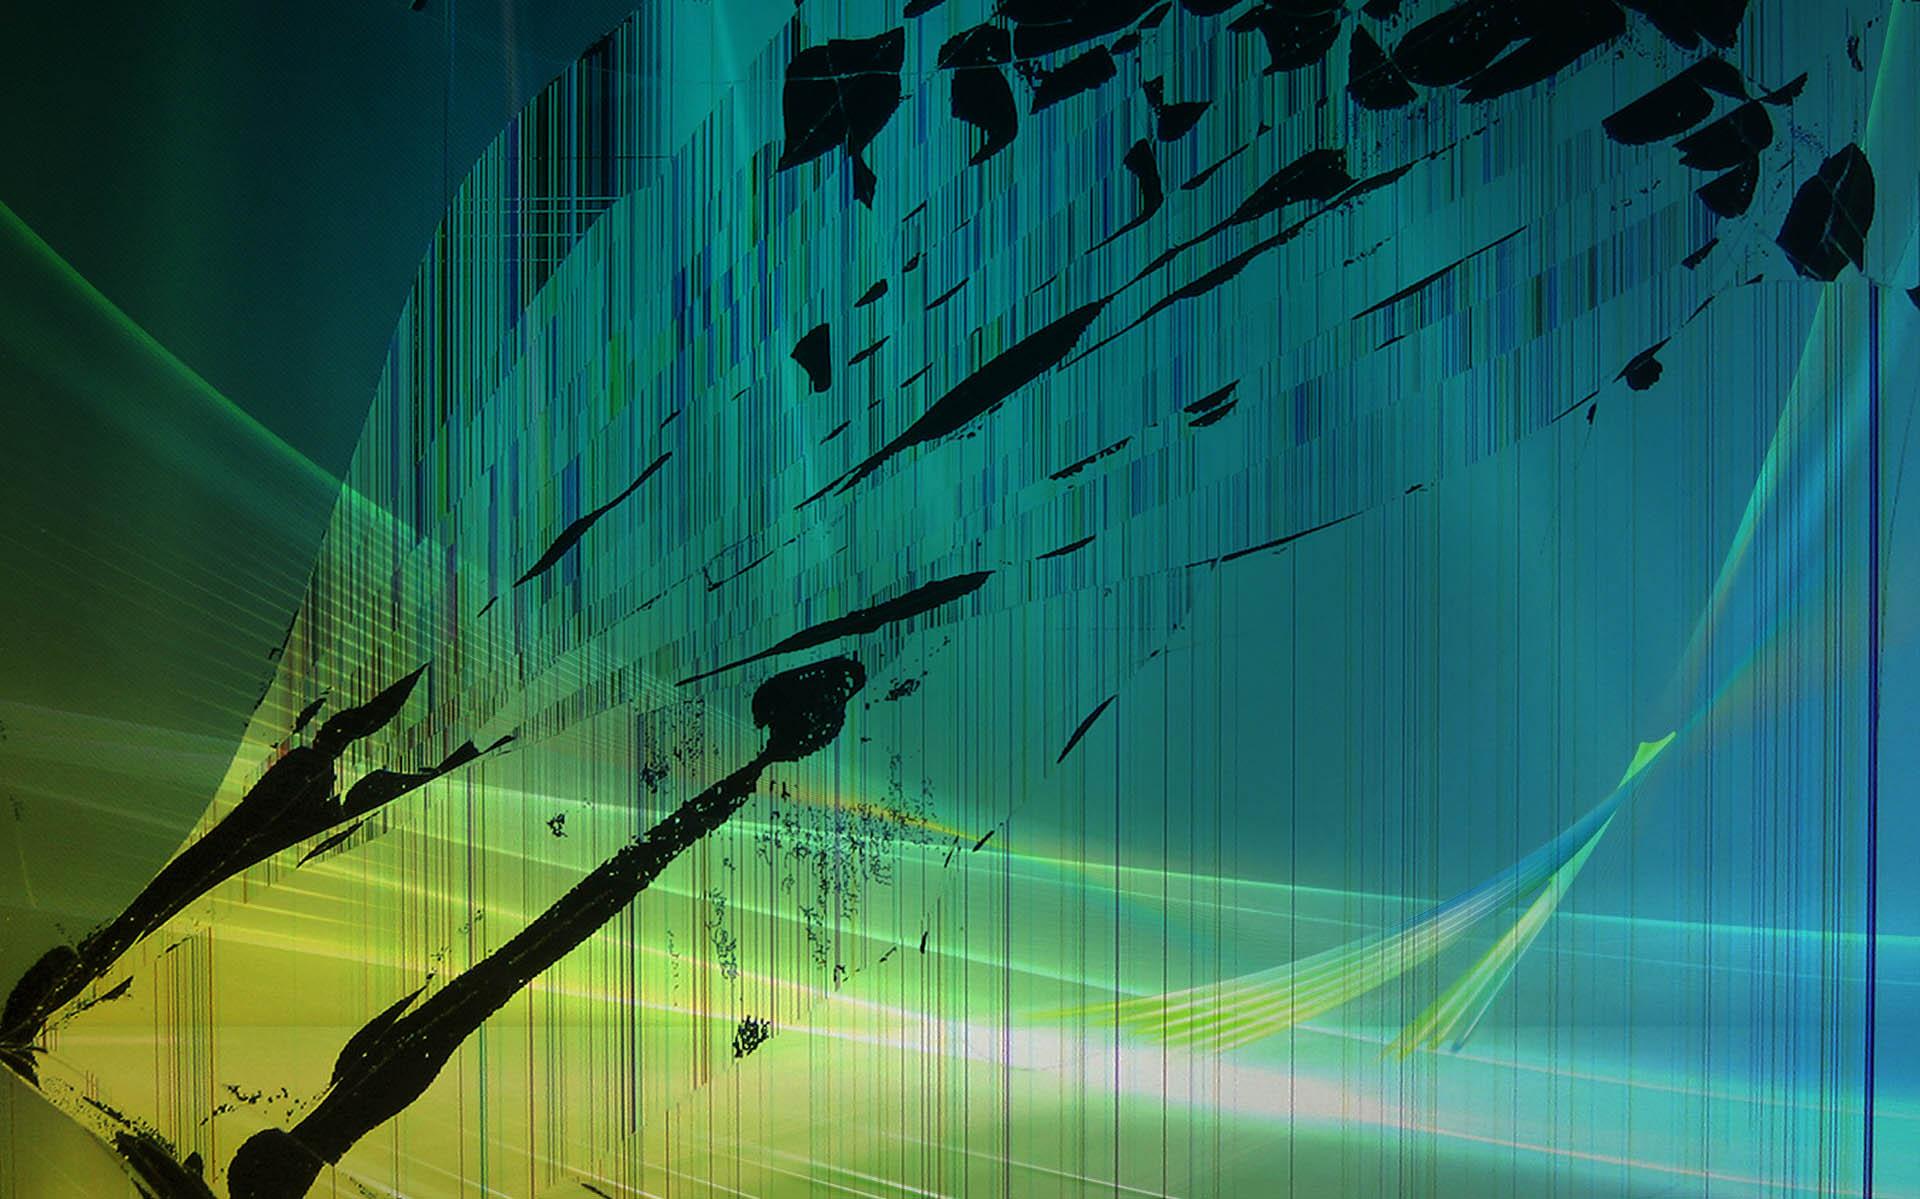 Broken Screen Wallpapers Pictures Images